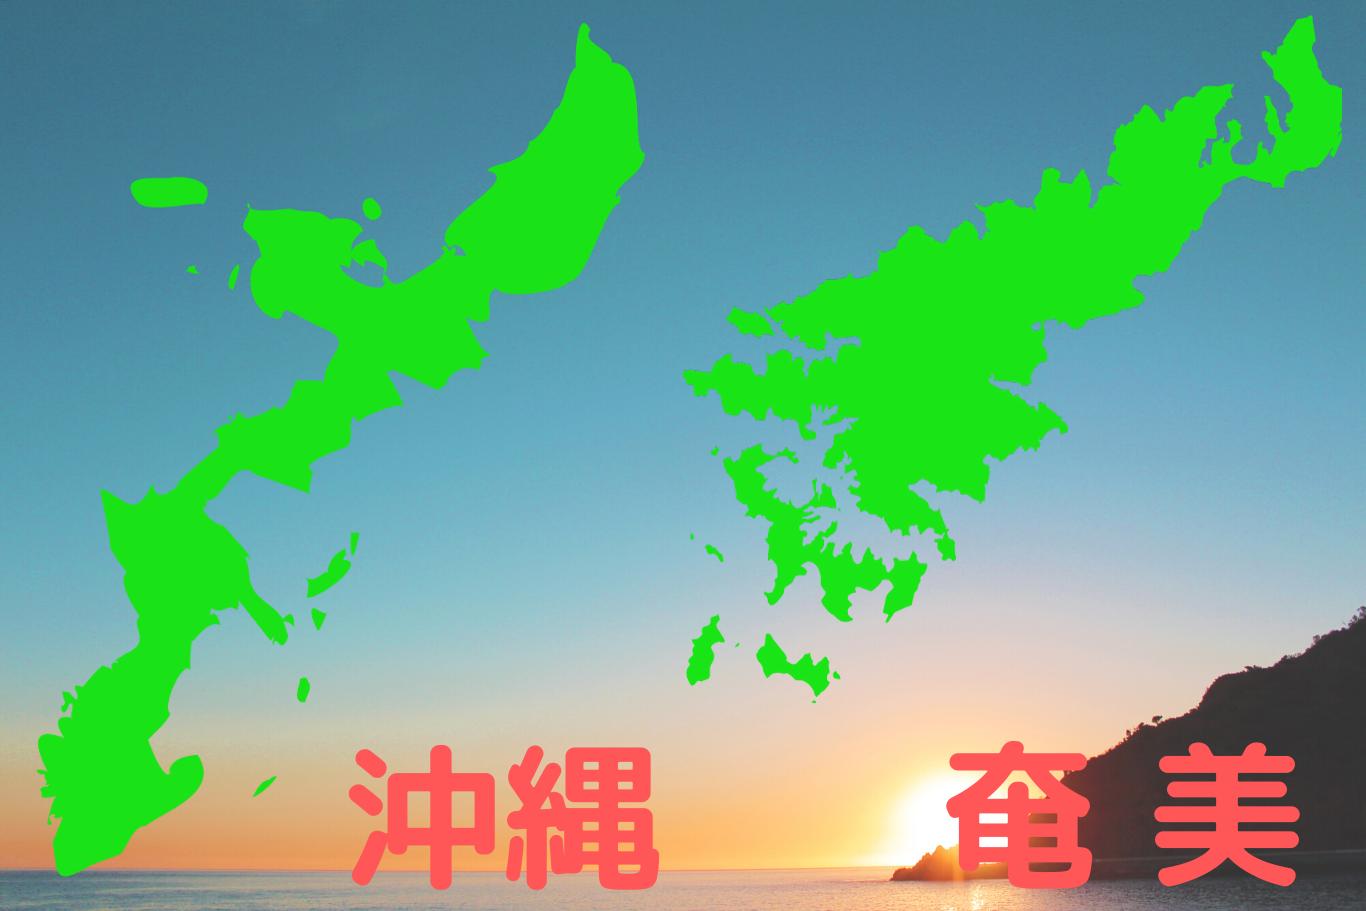 島の大きさと人口